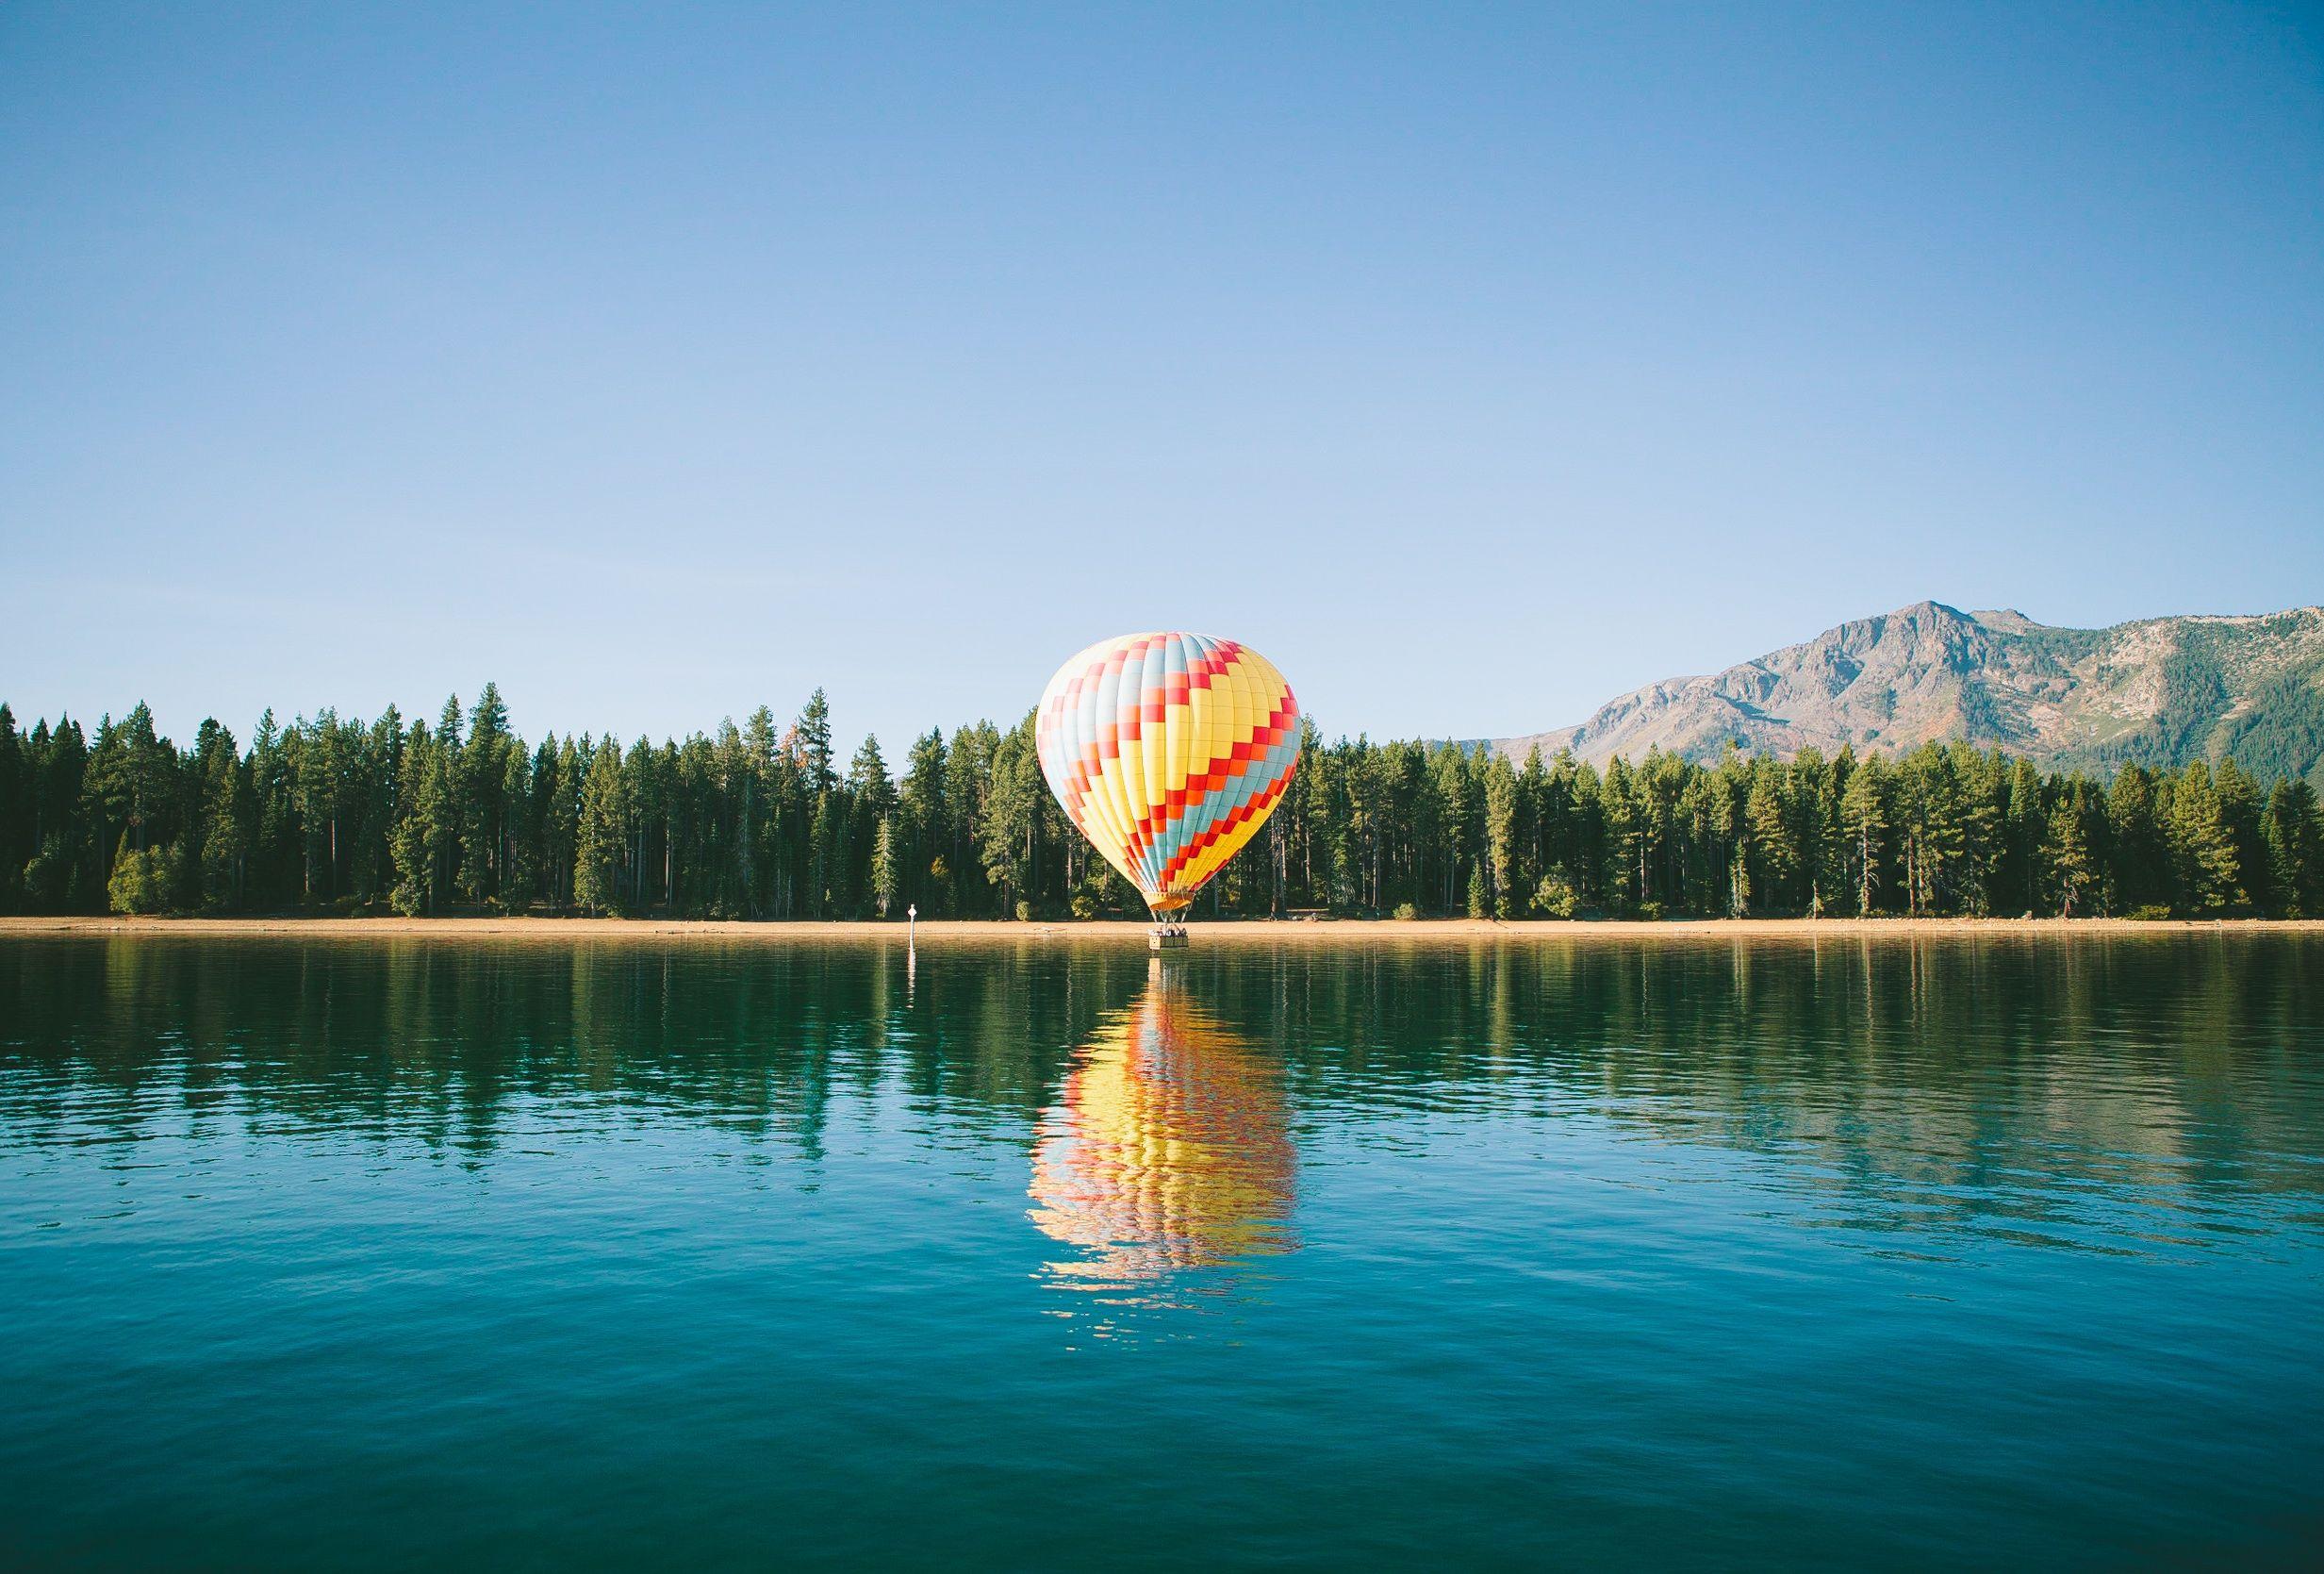 globo aeroestático, lago, bosque, pinos, montañas, cielo - Fondos de Pantalla HD - professor-falken.com